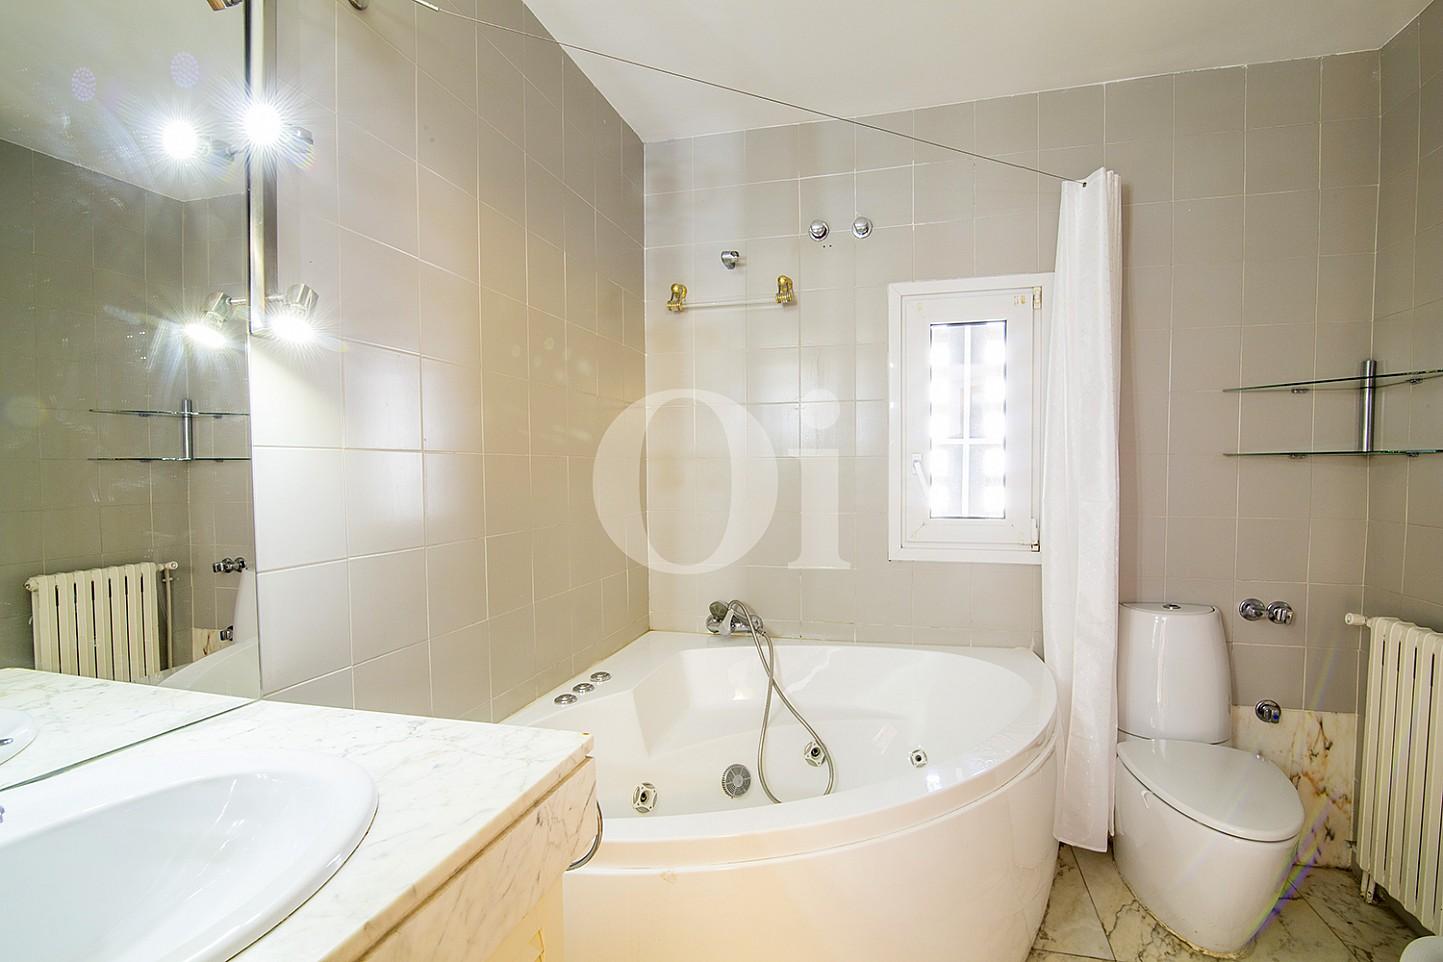 Шикарная ванная комната в доме на продажу в Vila Olímpica, Барселона